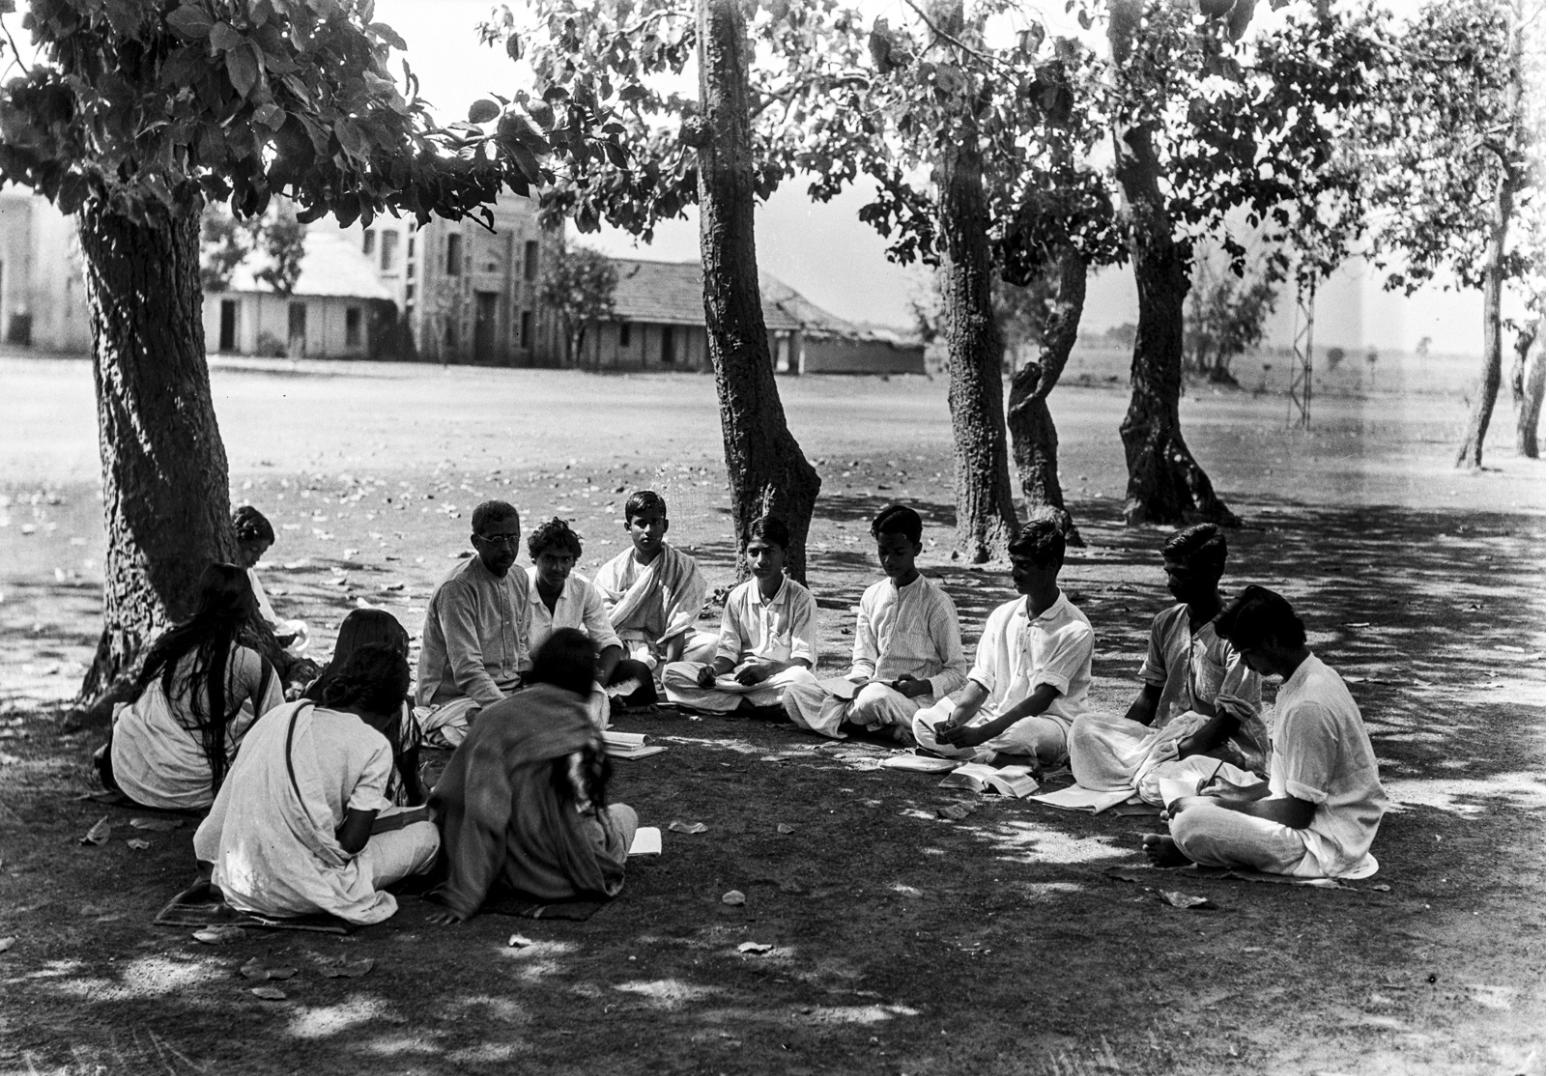 1336. Шантиникетан. Группа студентов во время лекции на открытом воздухе